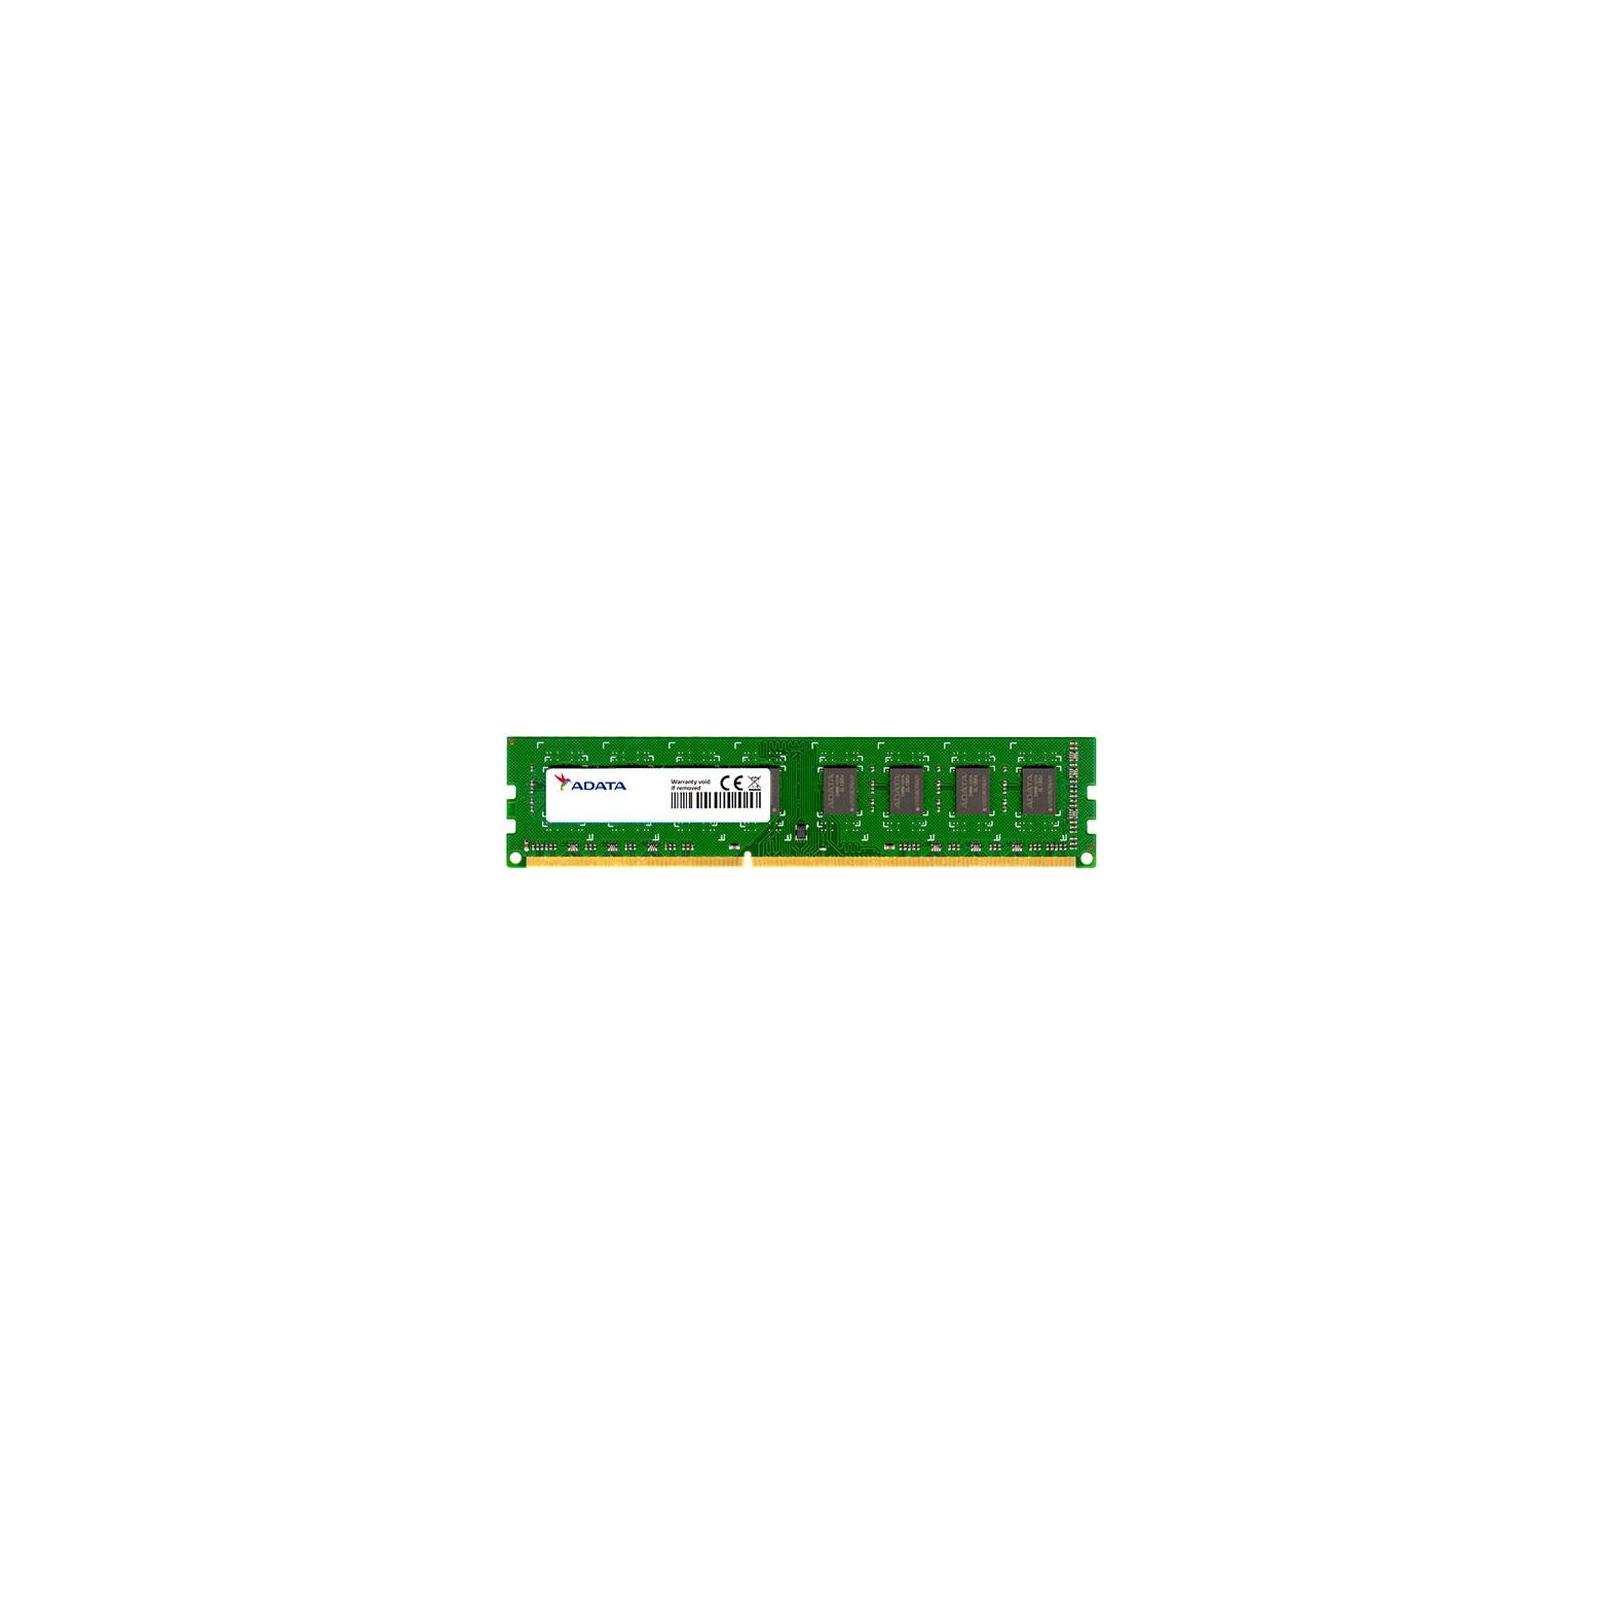 Модуль памяти для компьютера DDR3L 2GB 1600 MHz Premier ADATA (ADDU1600C2G11-S)